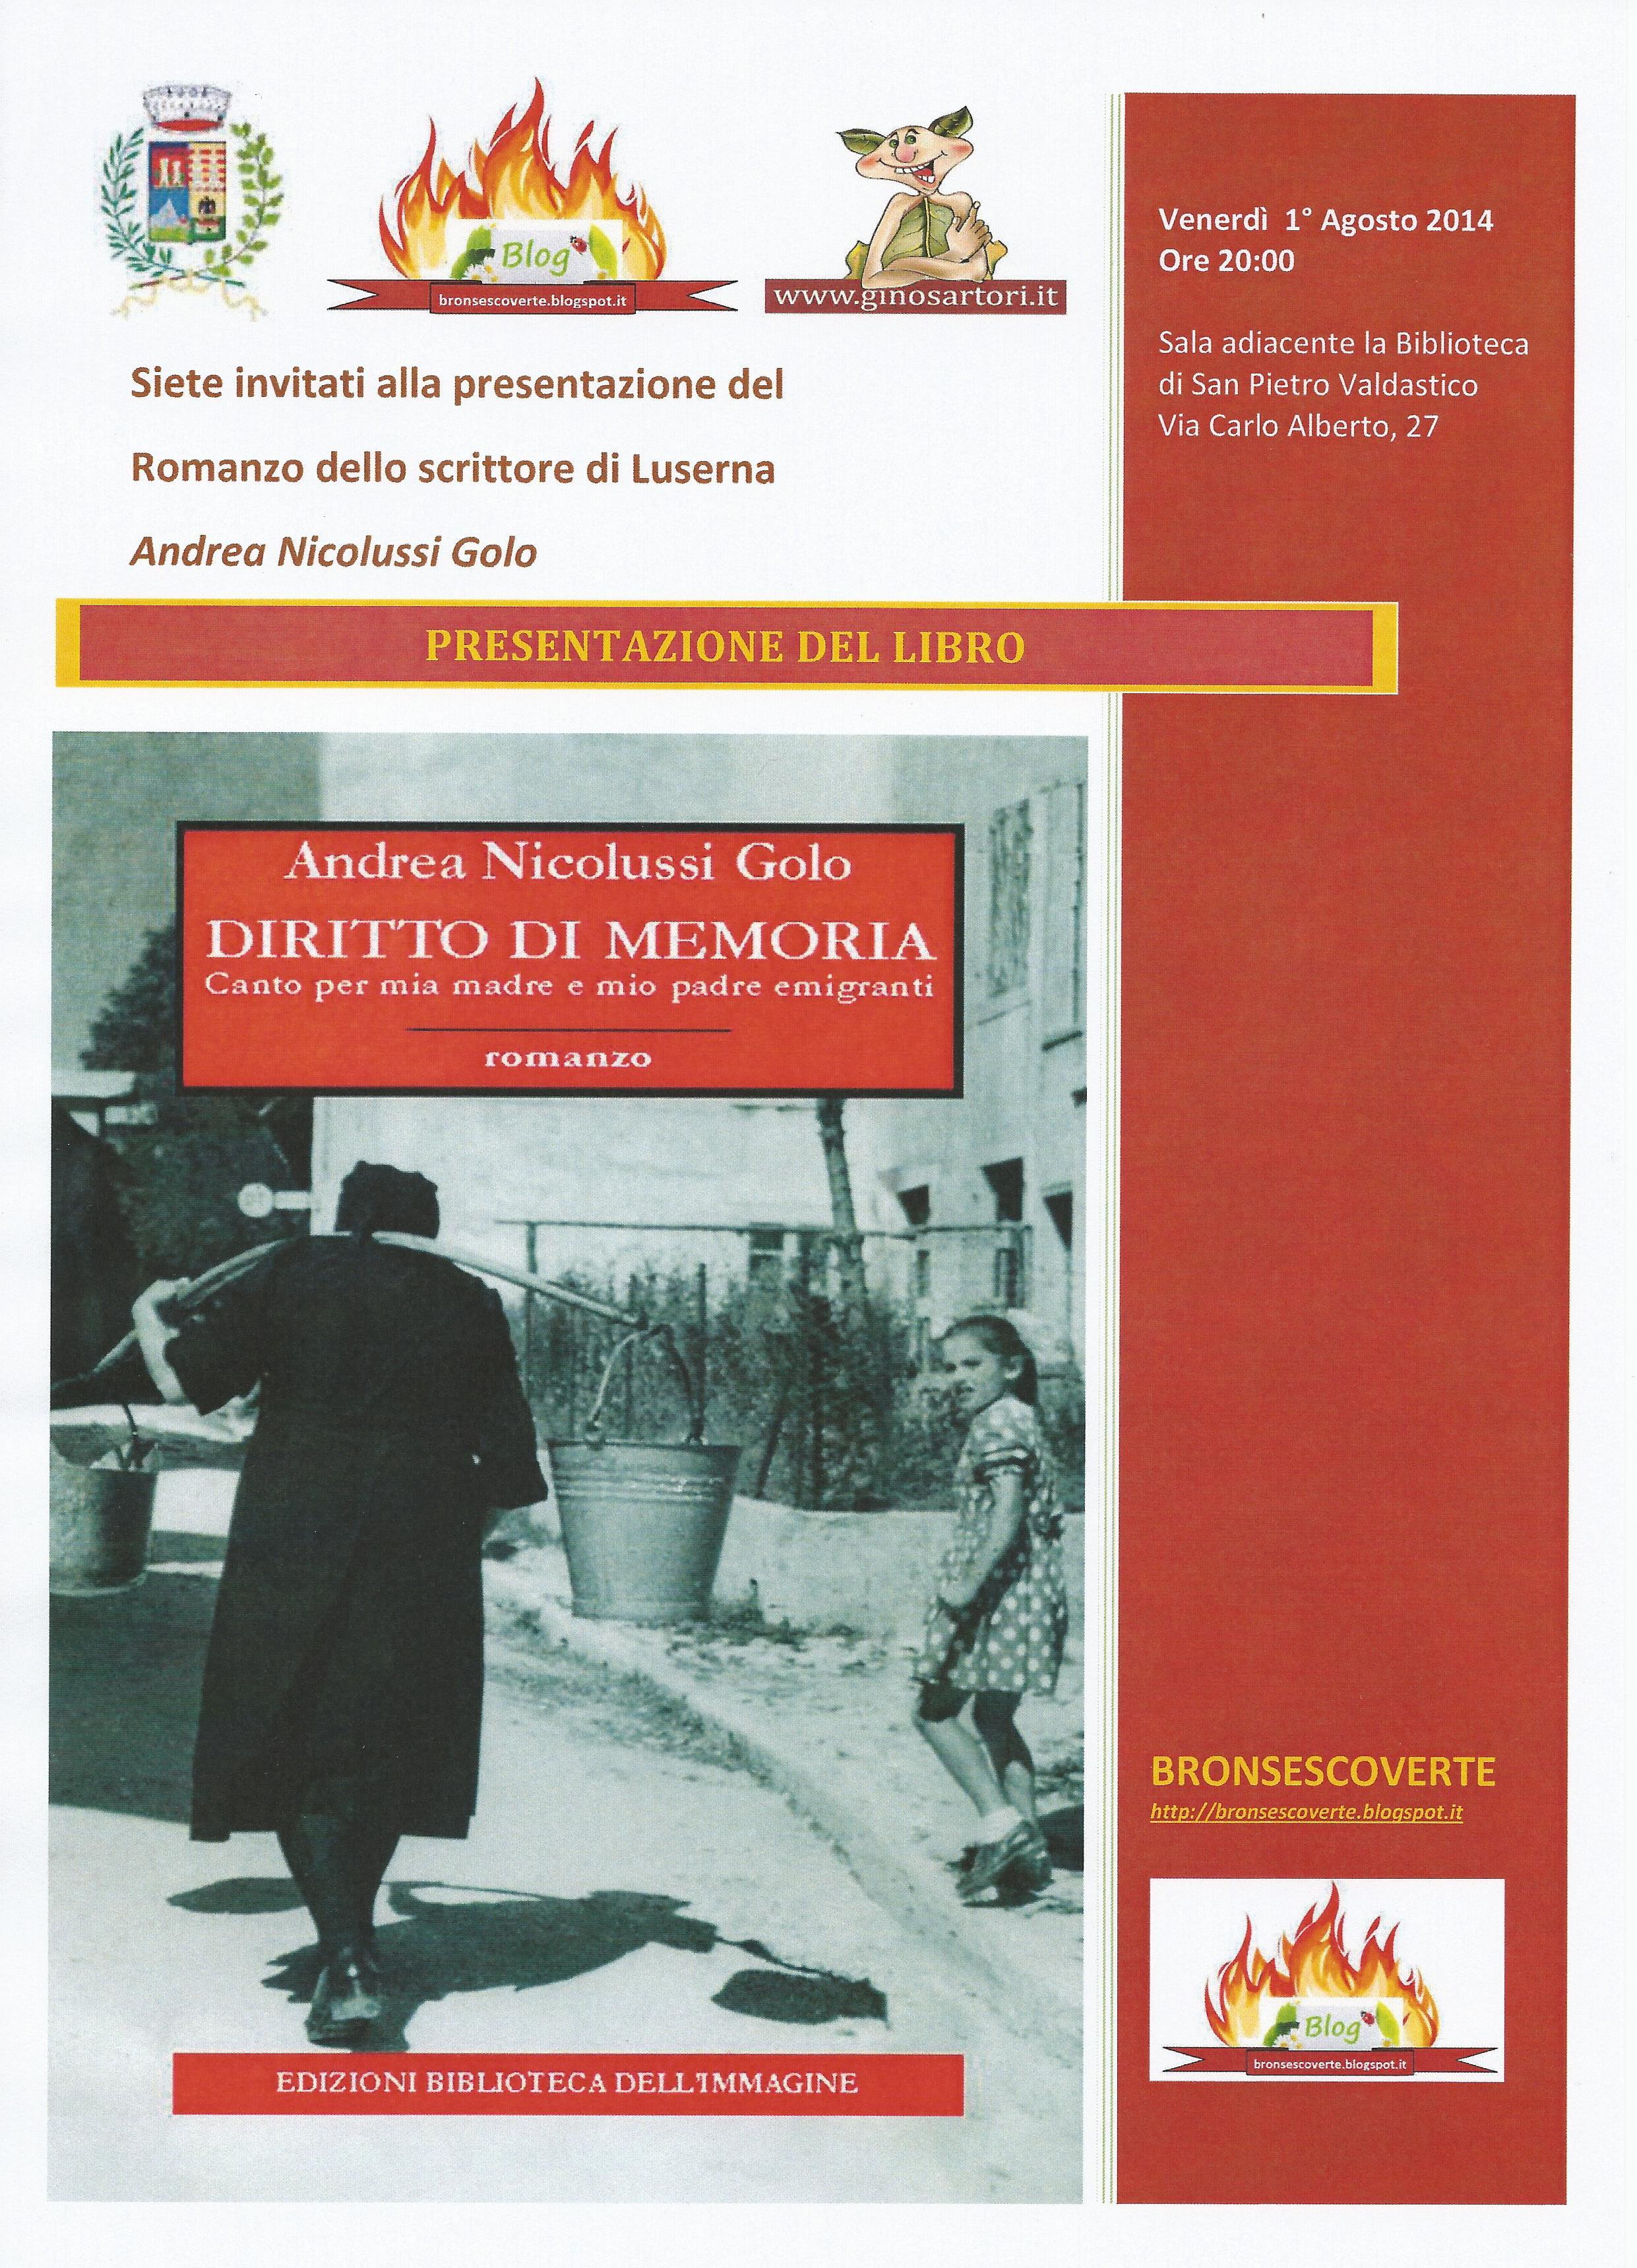 Nicolussi Andrea Golo